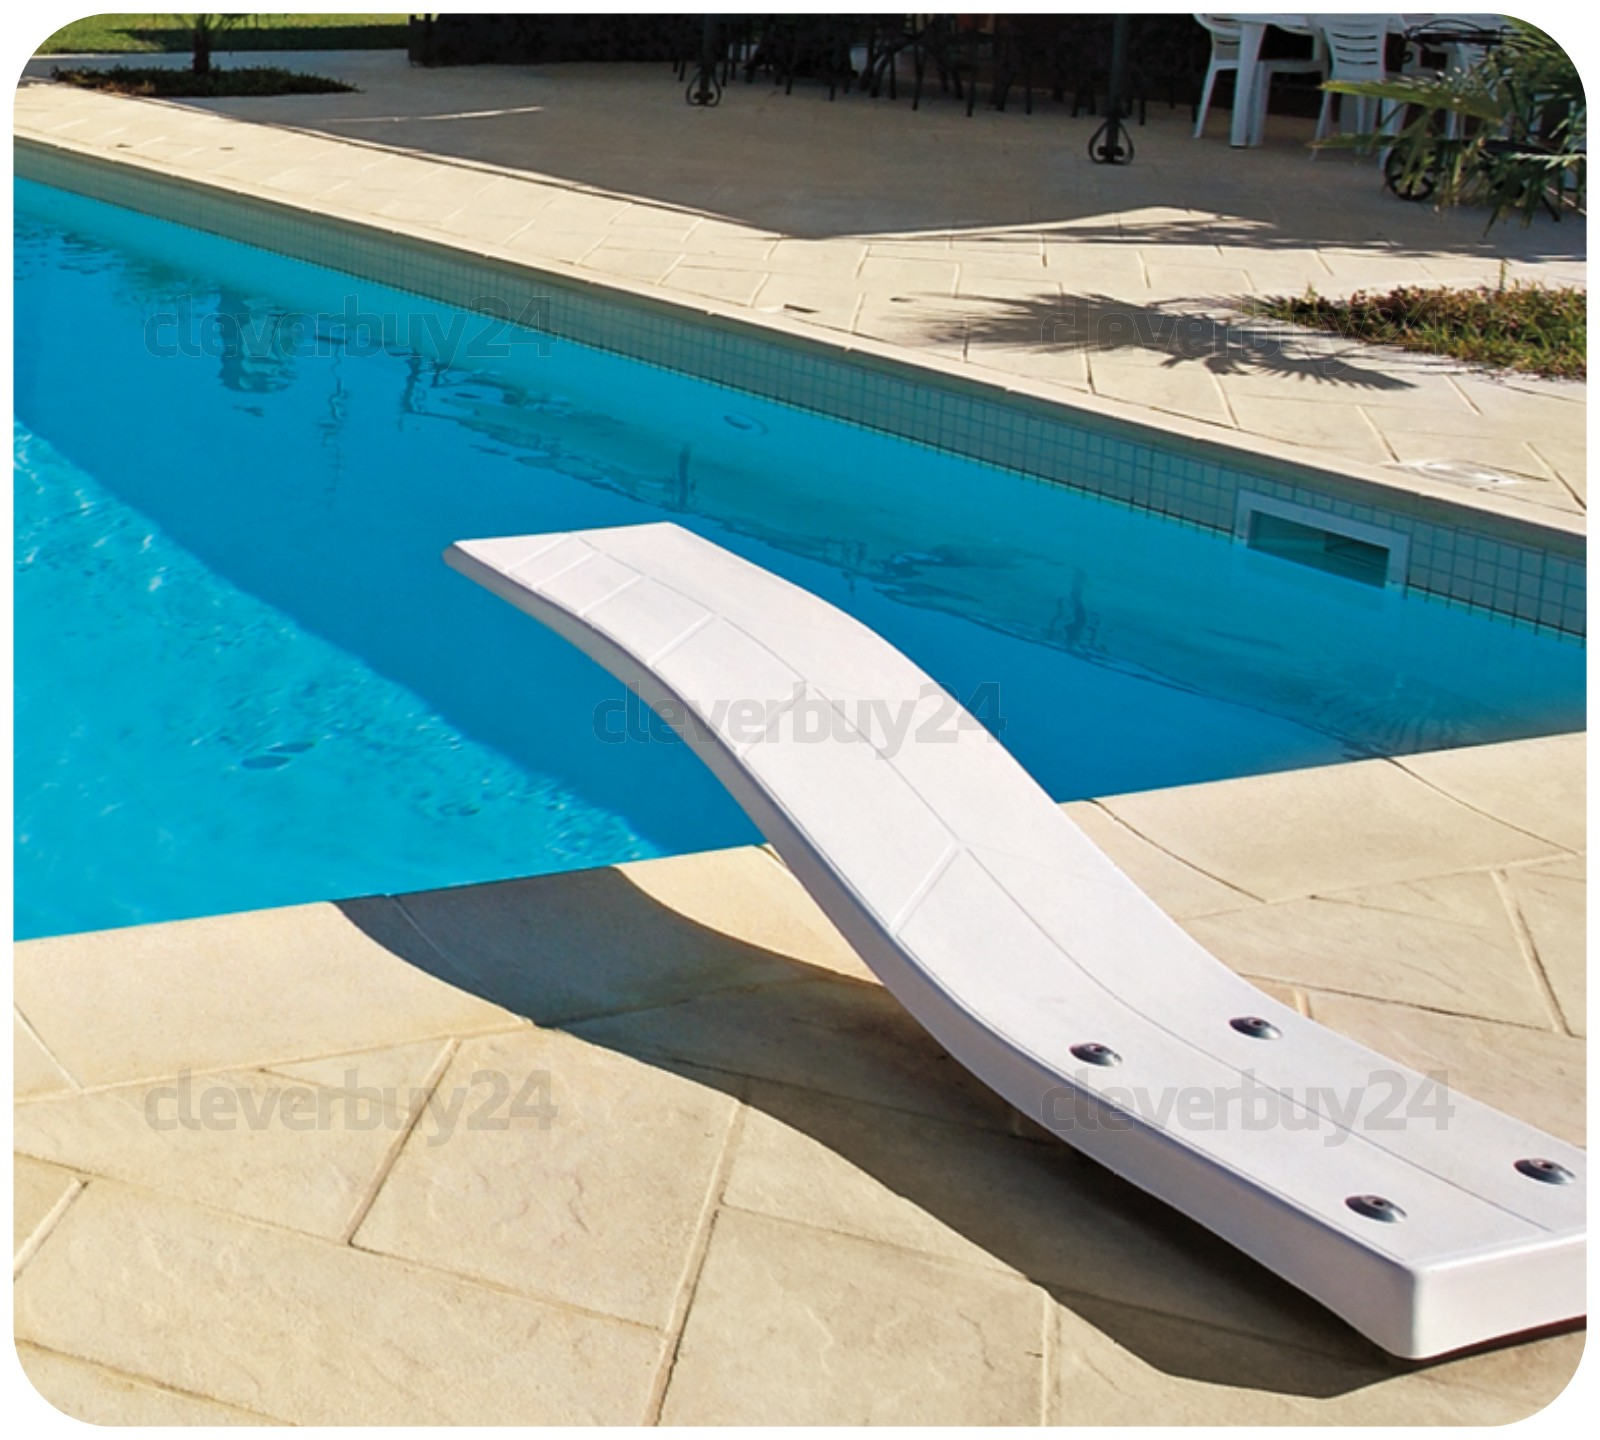 Gut Pool Randsteine f. 7 m Rundpool Beckenrandsteine Schwallkante  EH46